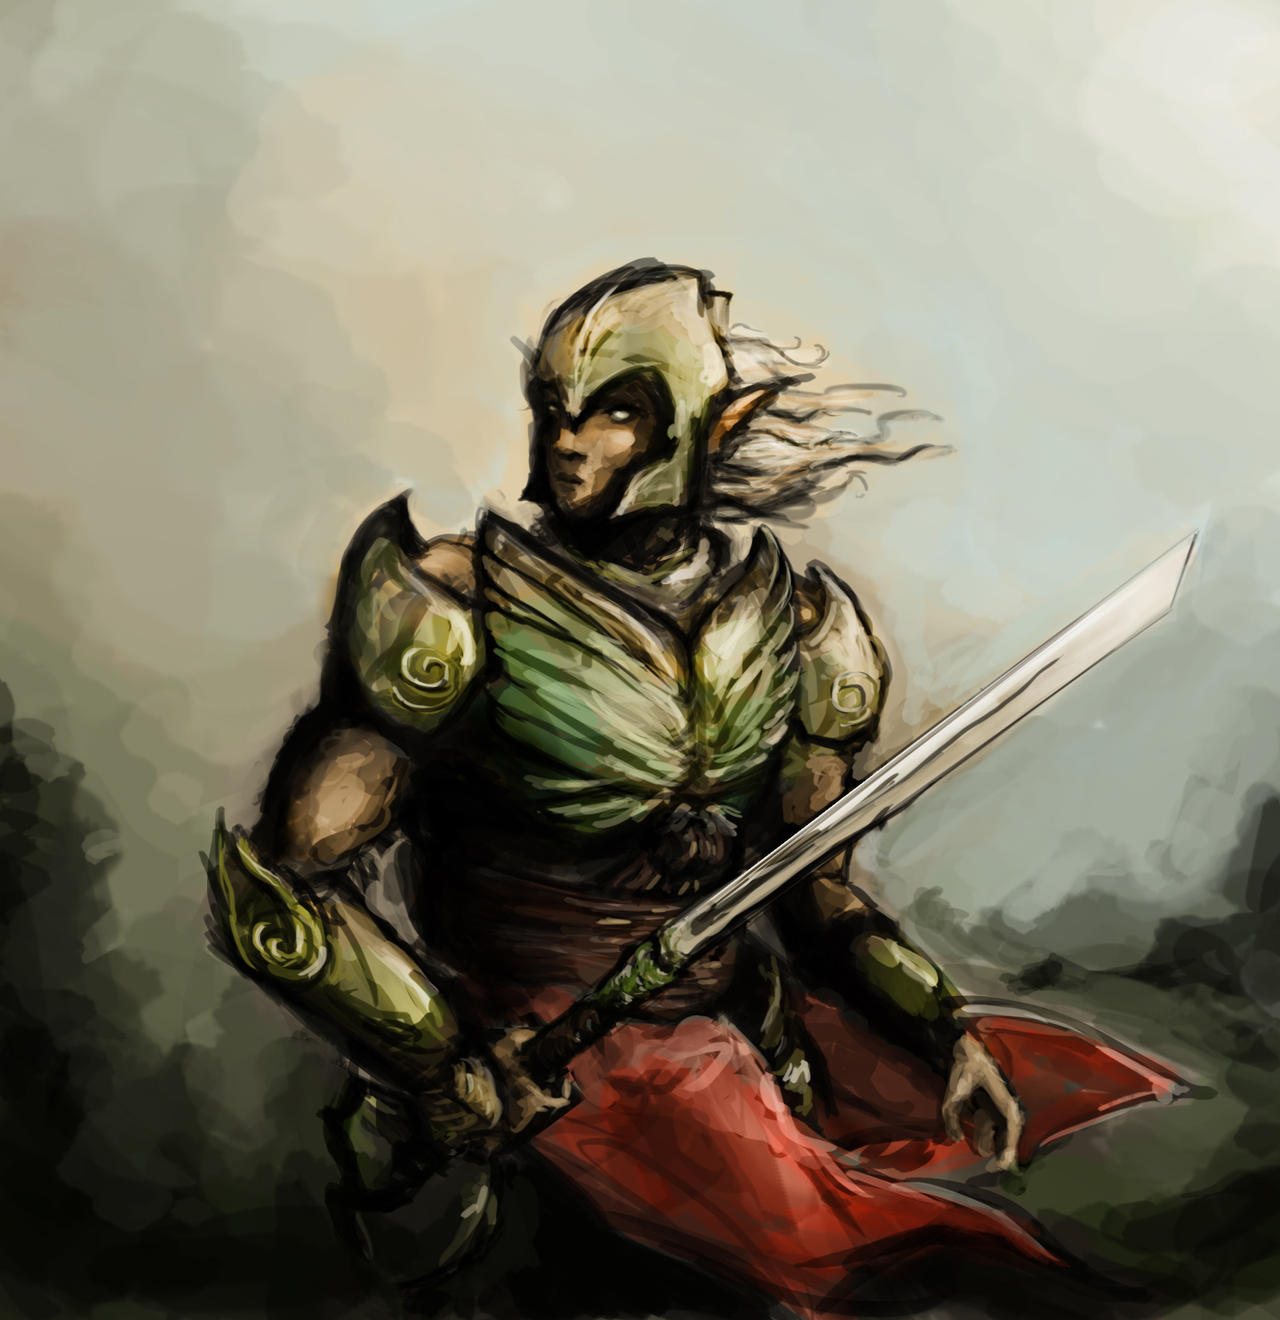 http://fc03.deviantart.net/fs71/i/2012/110/d/1/elven_warrior_by_williambang-d4wz5m8.jpg